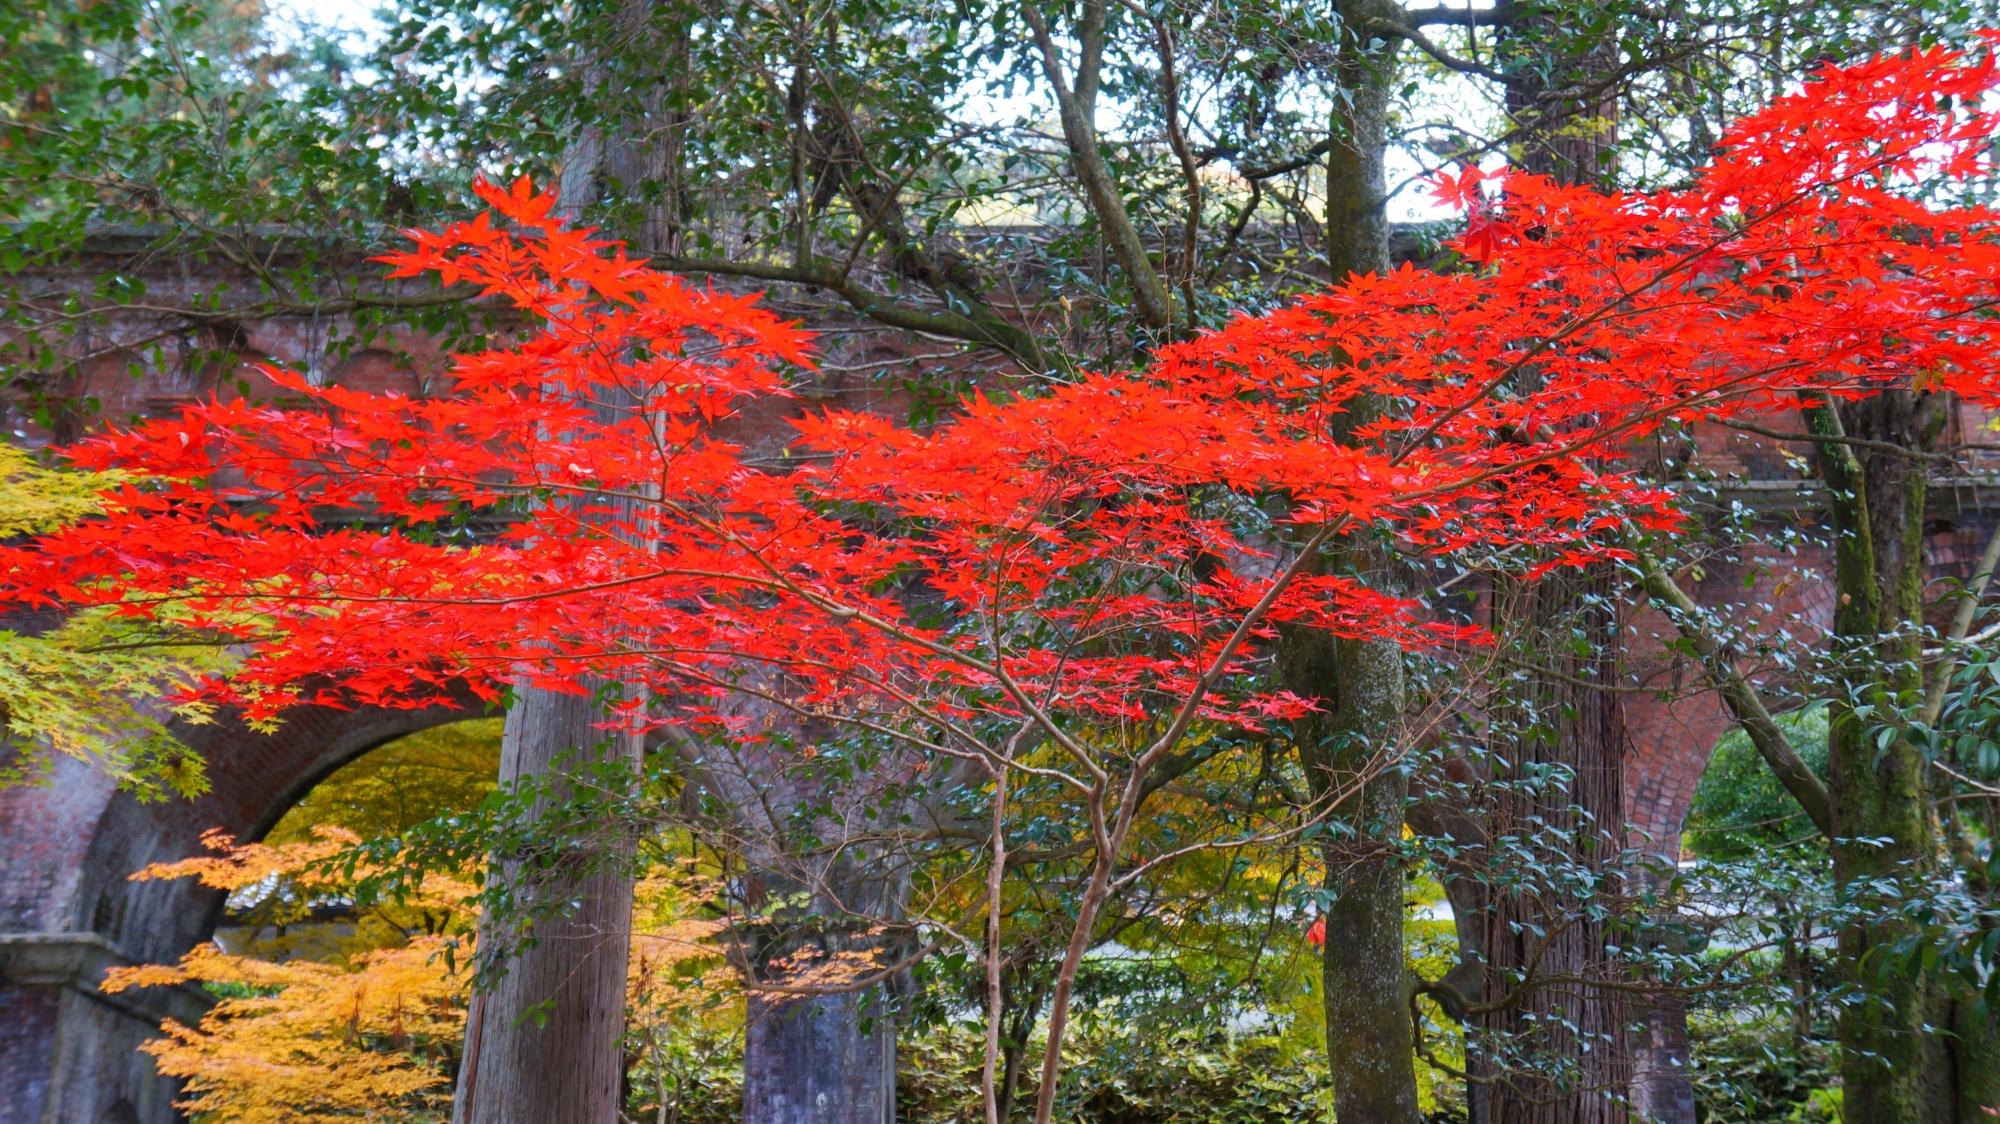 目を引く艶やかな赤い紅葉